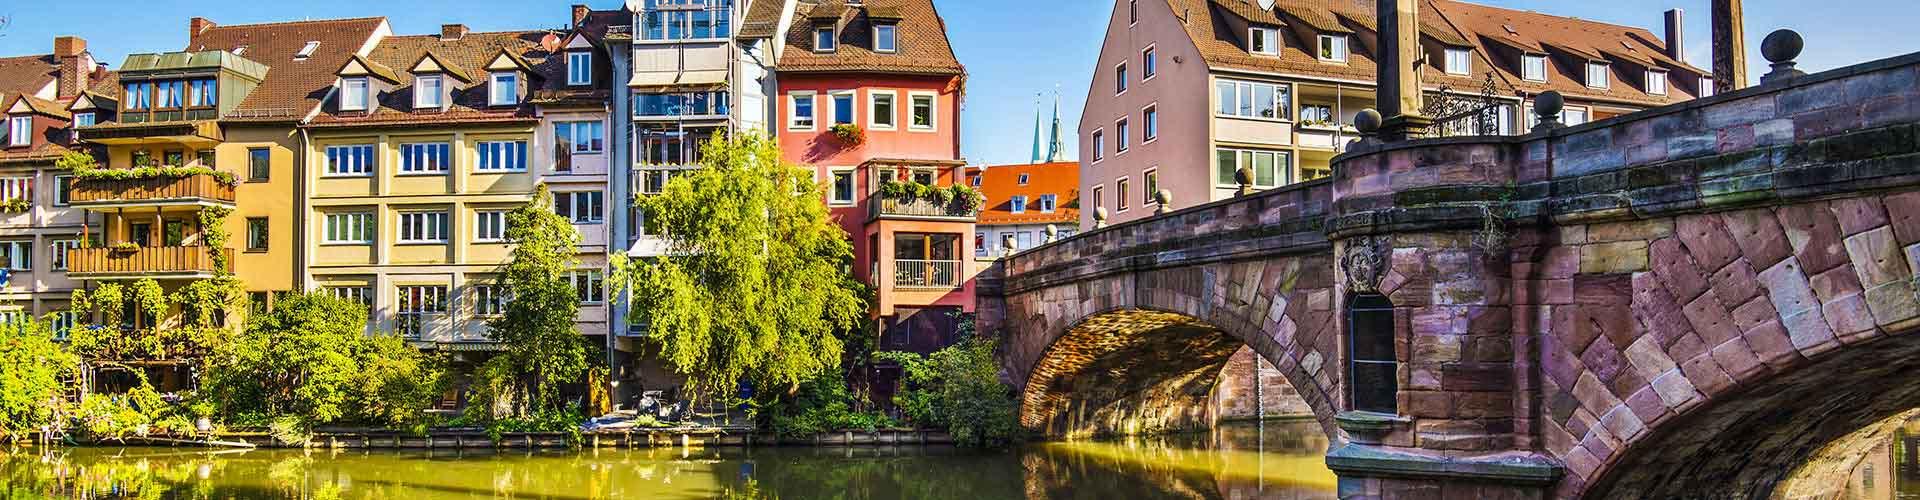 Nuremberg - Chambres pas chères dans le quartier de Marienvorstadt. Cartes pour Nuremberg, photos et commentaires pour chaque chambre à Nuremberg.